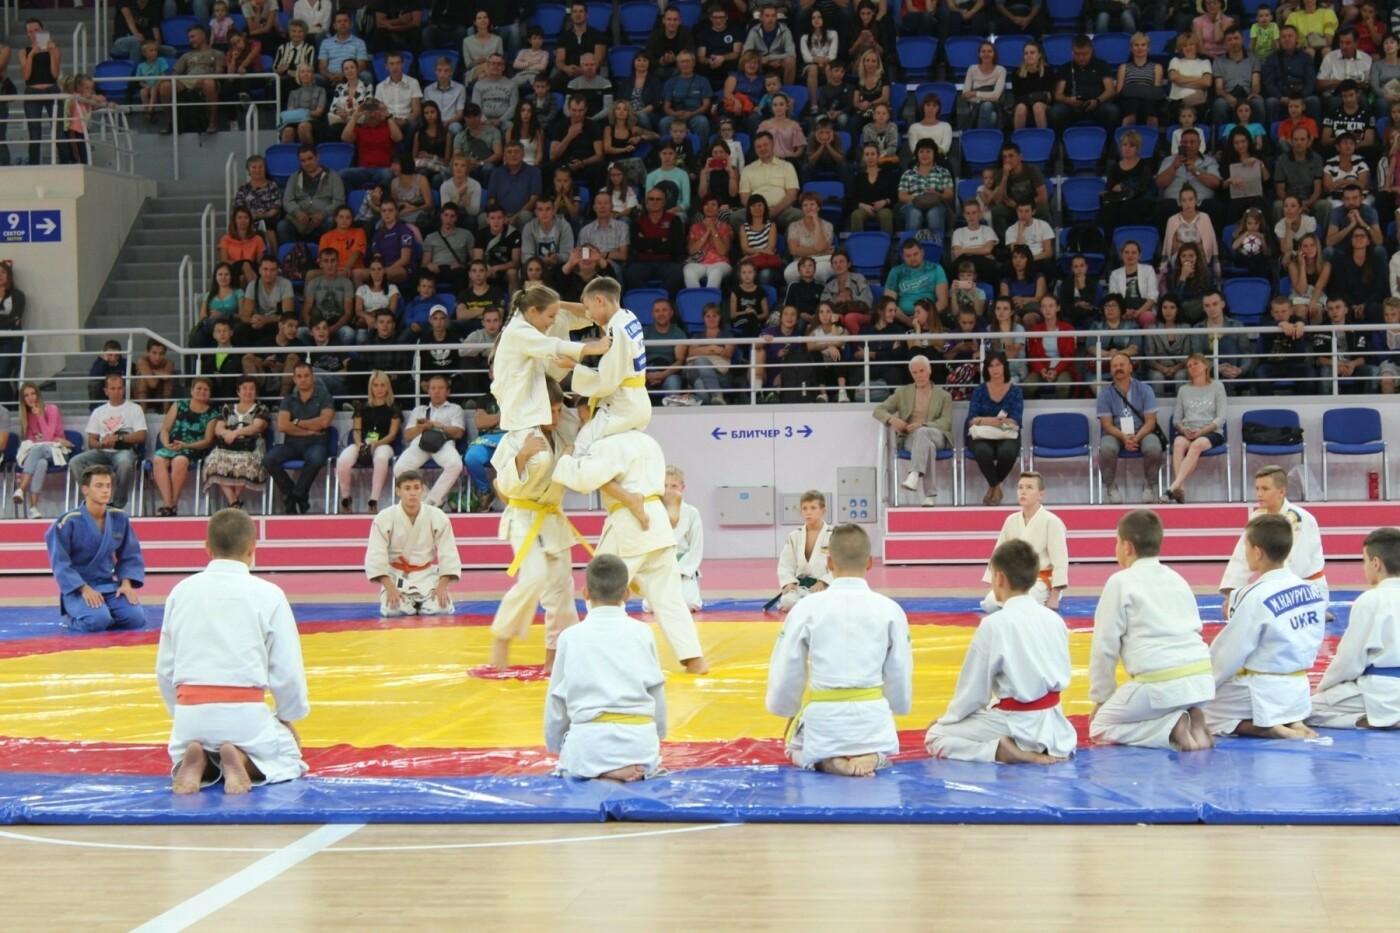 В «Юности» спортивные школы города показали шоу, - ФОТО, фото-6